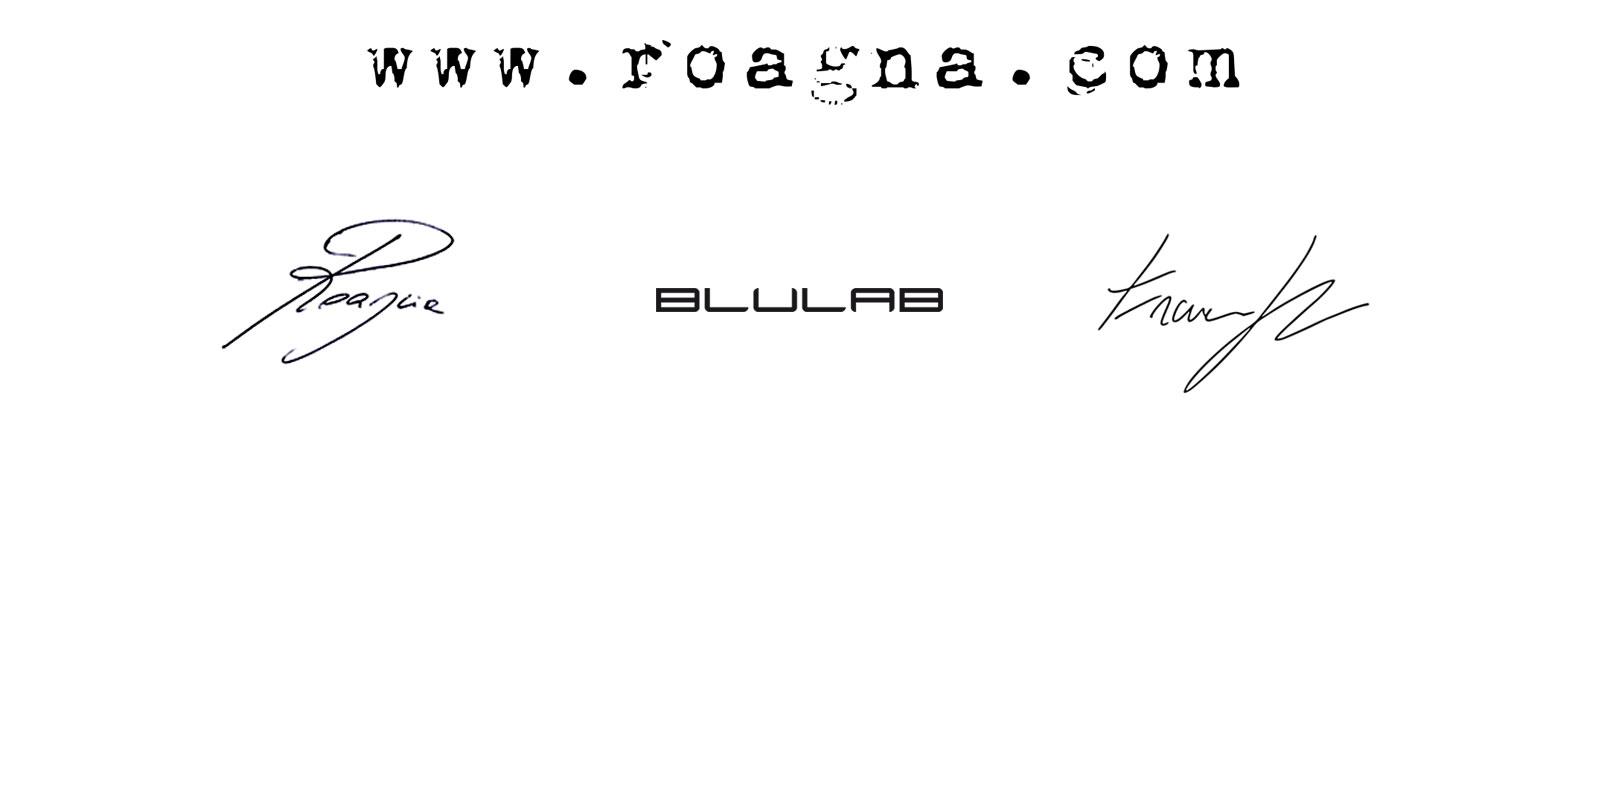 Credits - www.roagna.com